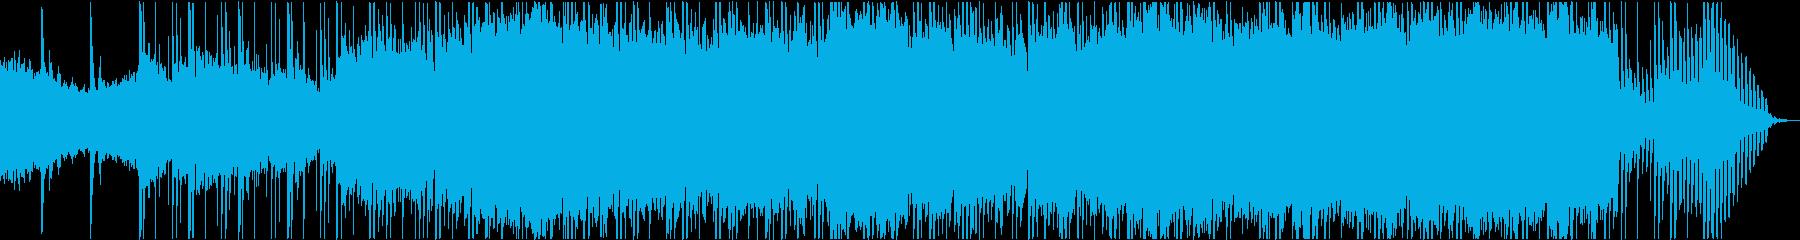 サイレントナイト きよしこの夜 AMBの再生済みの波形